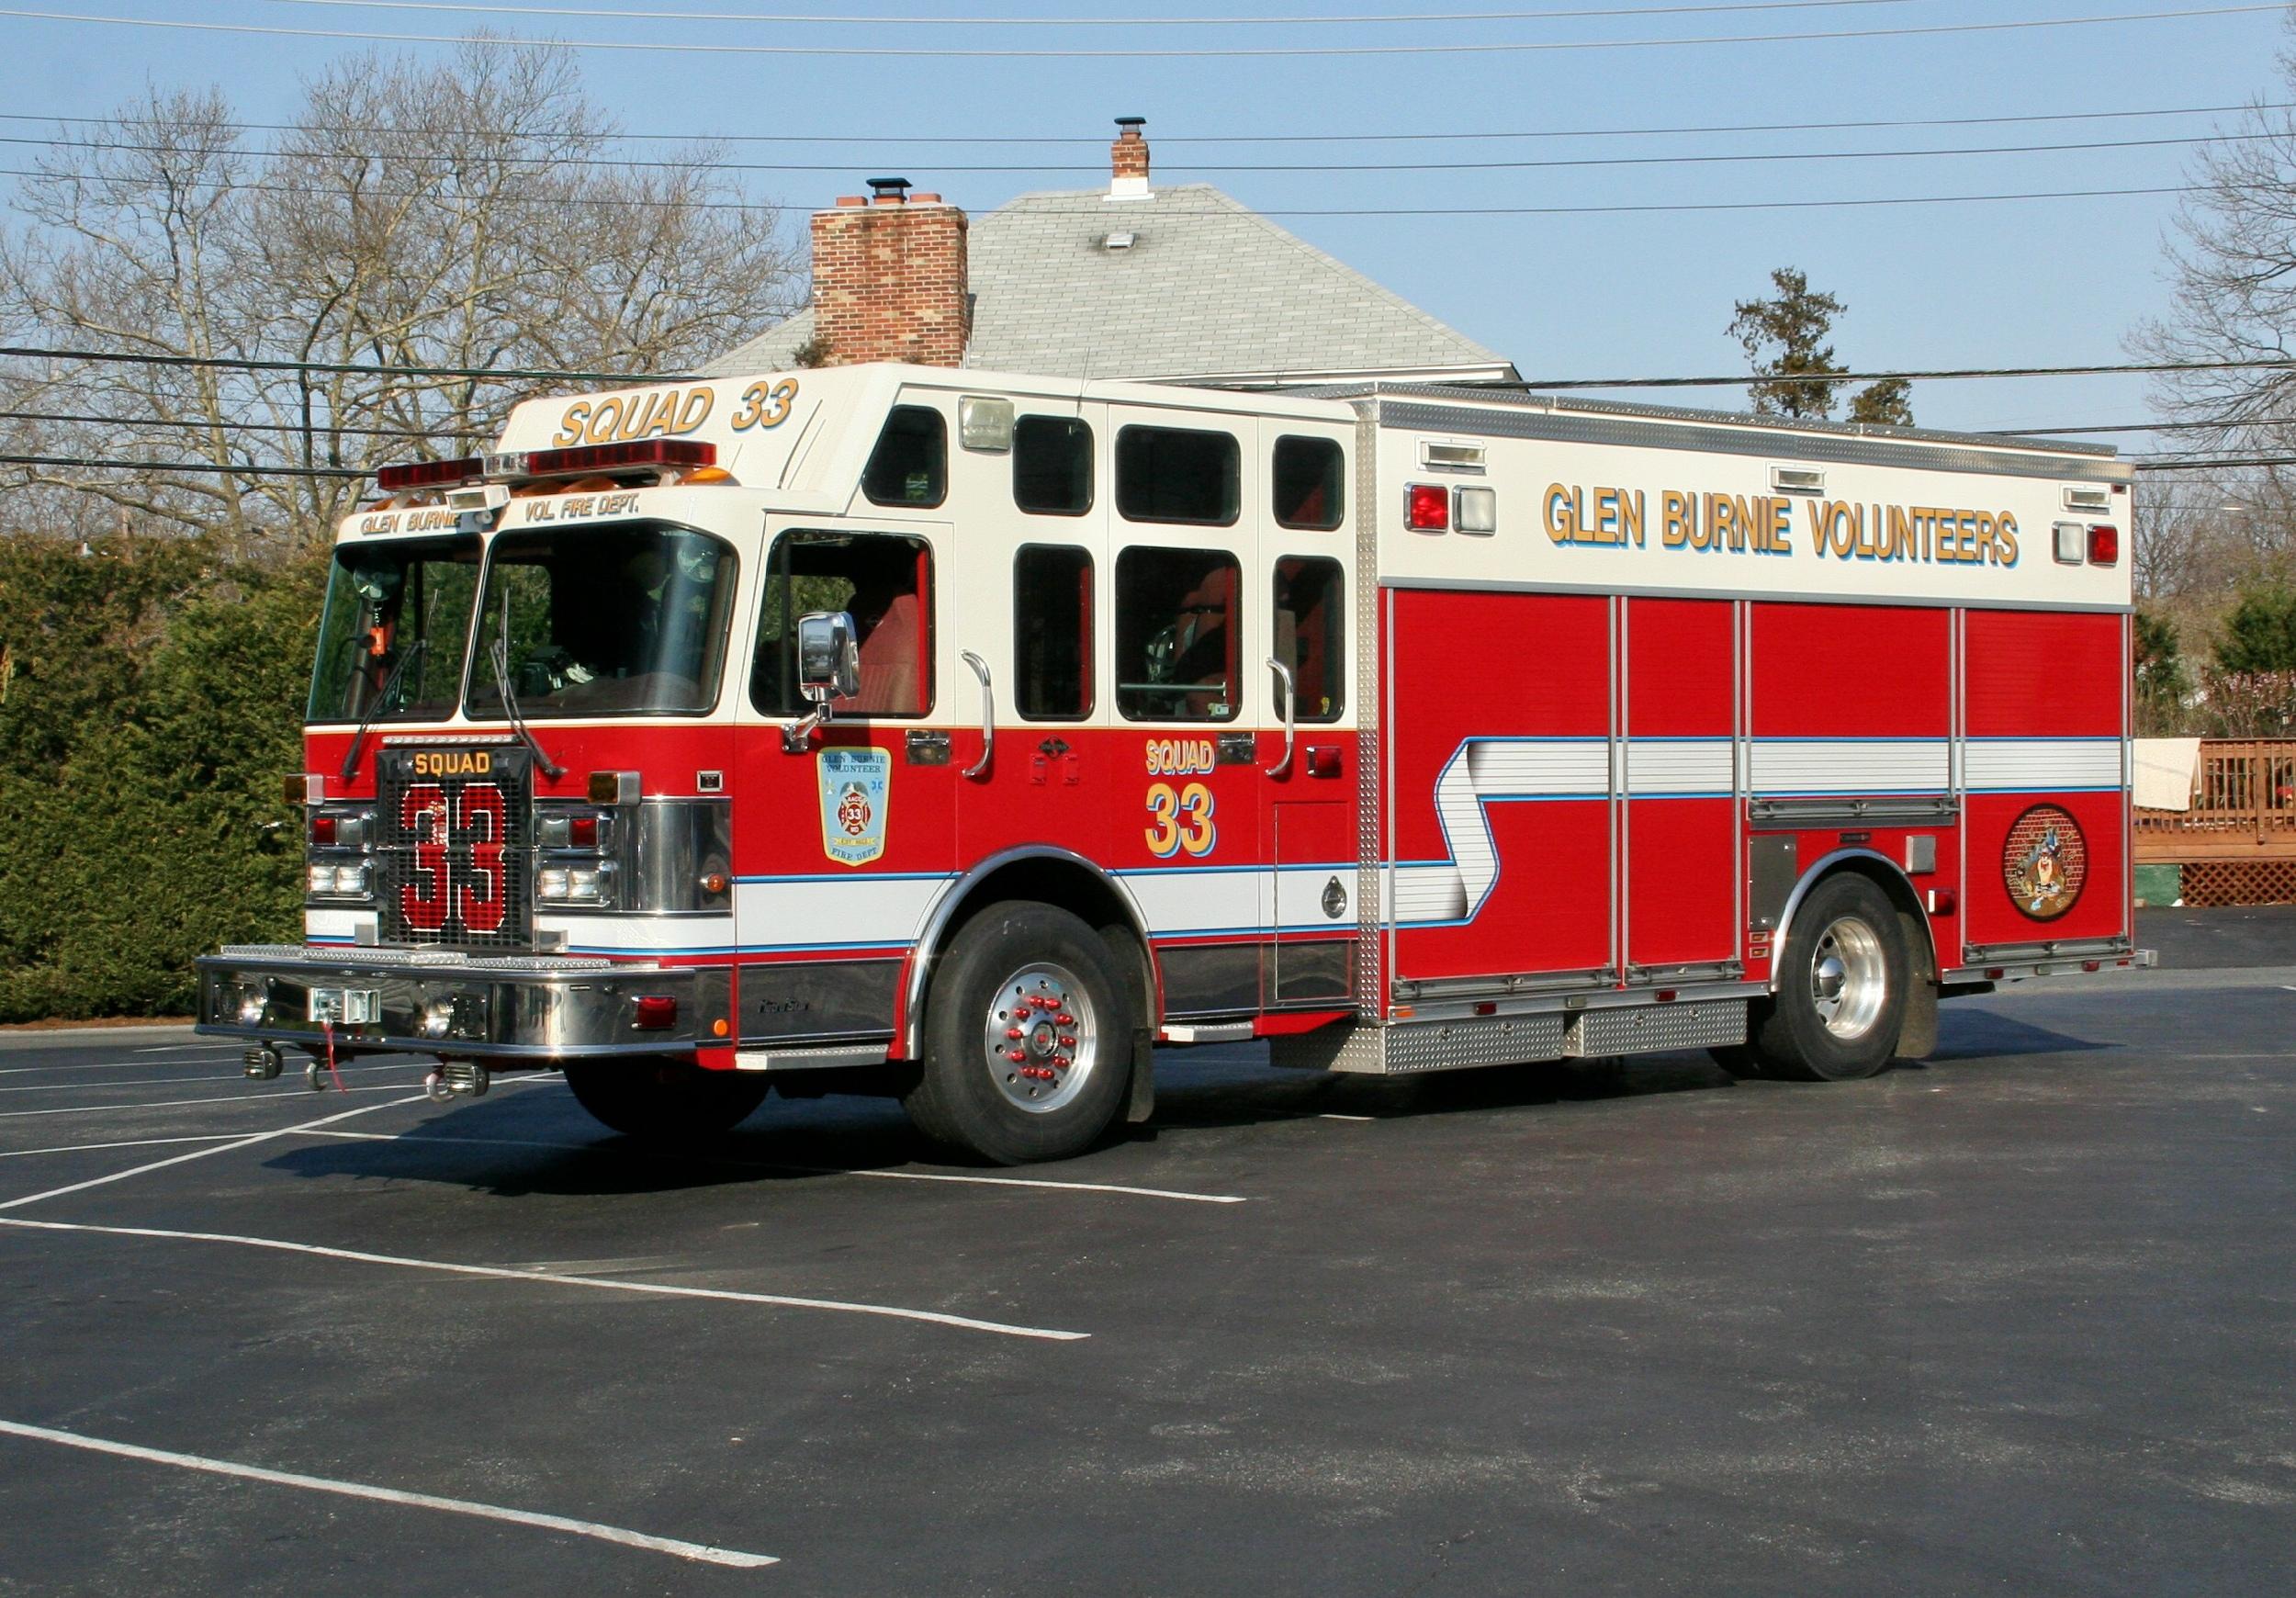 MD, Glen Burnie Volunteer Fire Department - 33